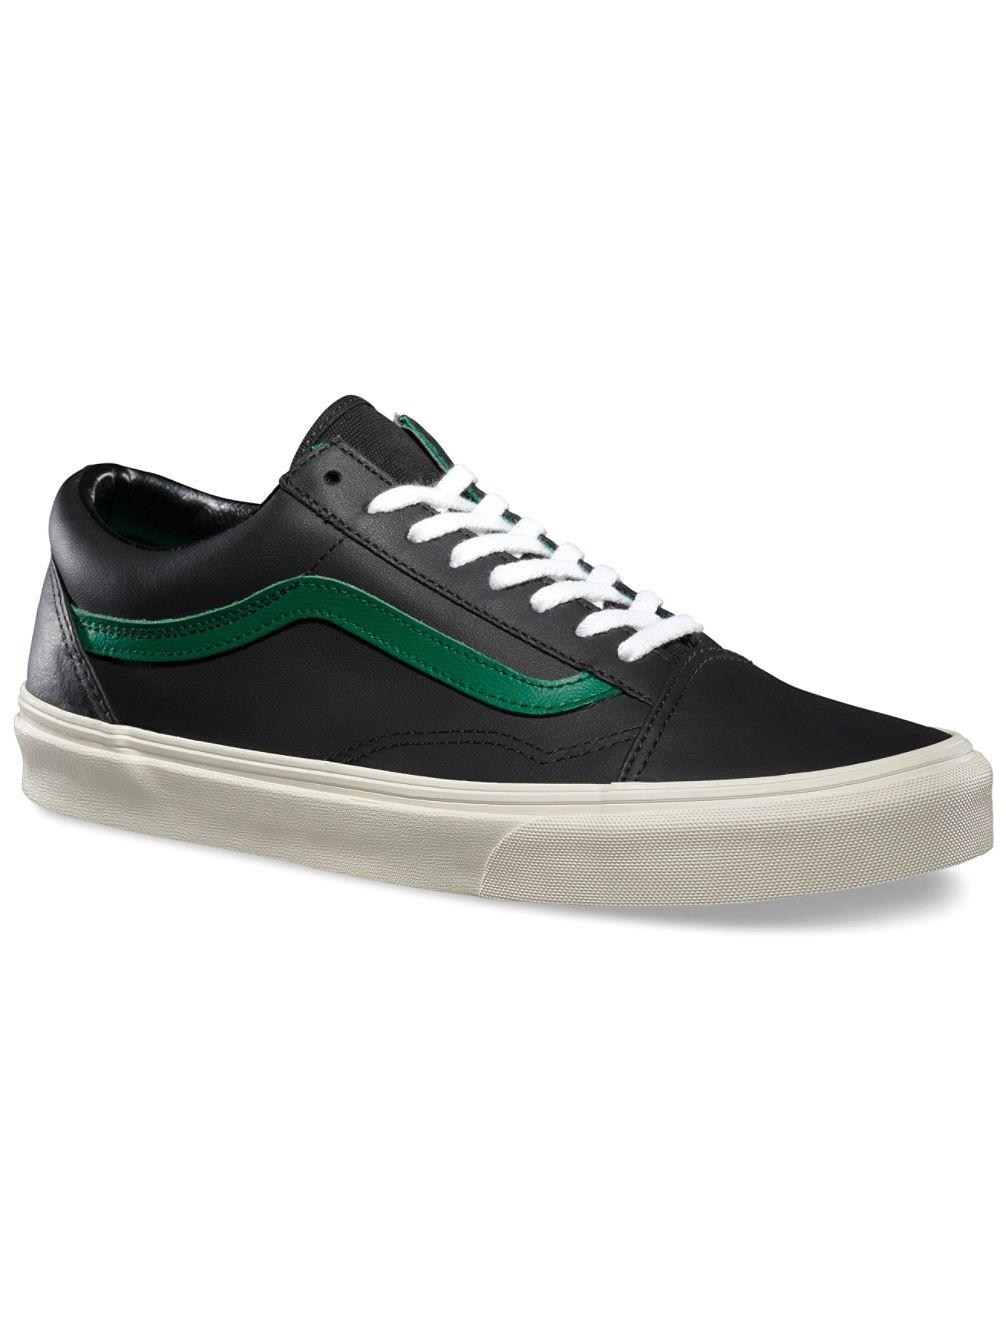 vans old skool skate shoes ved blue tomato online shop. Black Bedroom Furniture Sets. Home Design Ideas